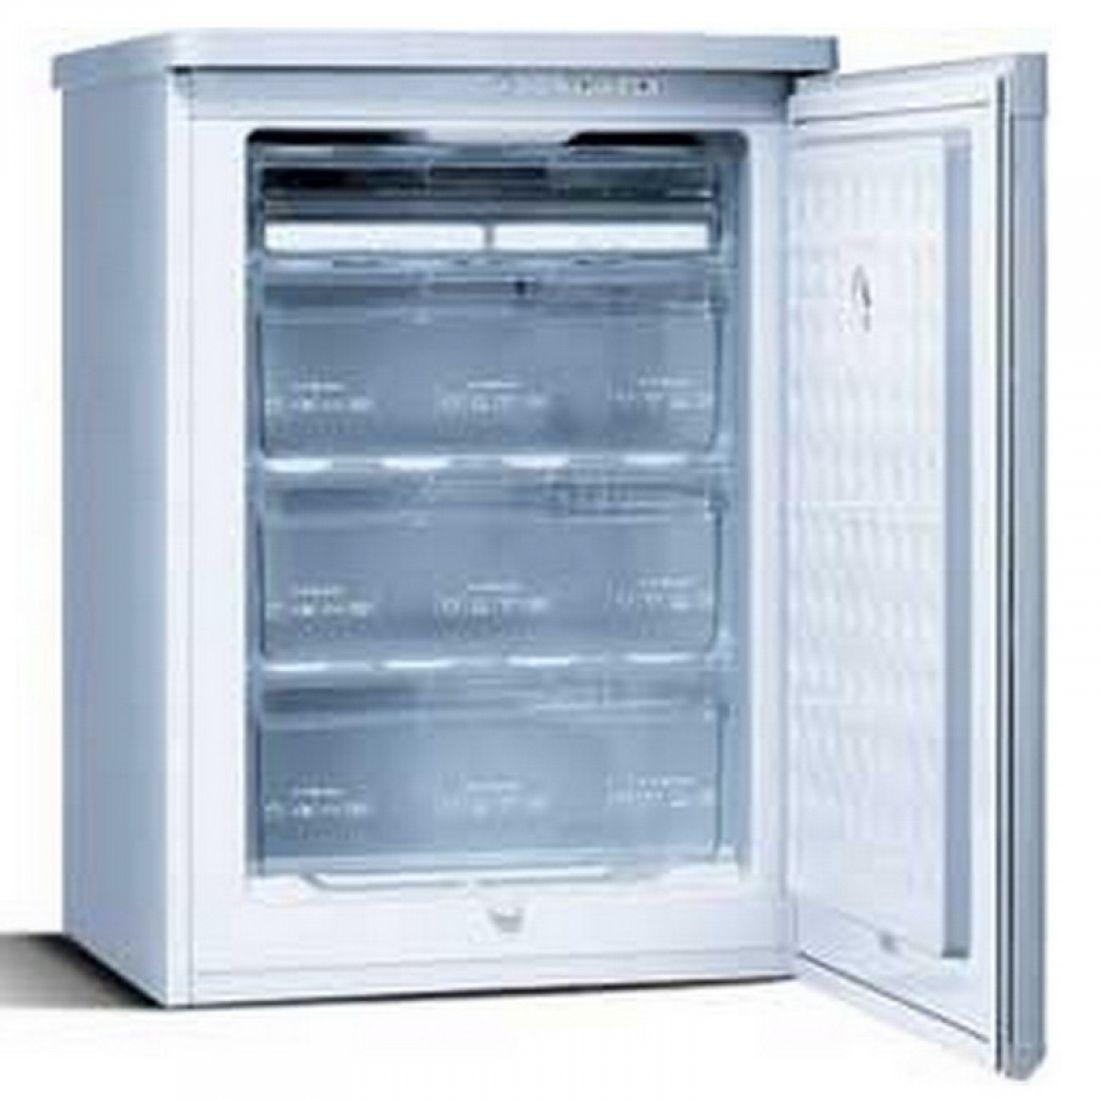 Kissmann Gefrierschrank GSE 100 - Tiefkühlung 12/24V